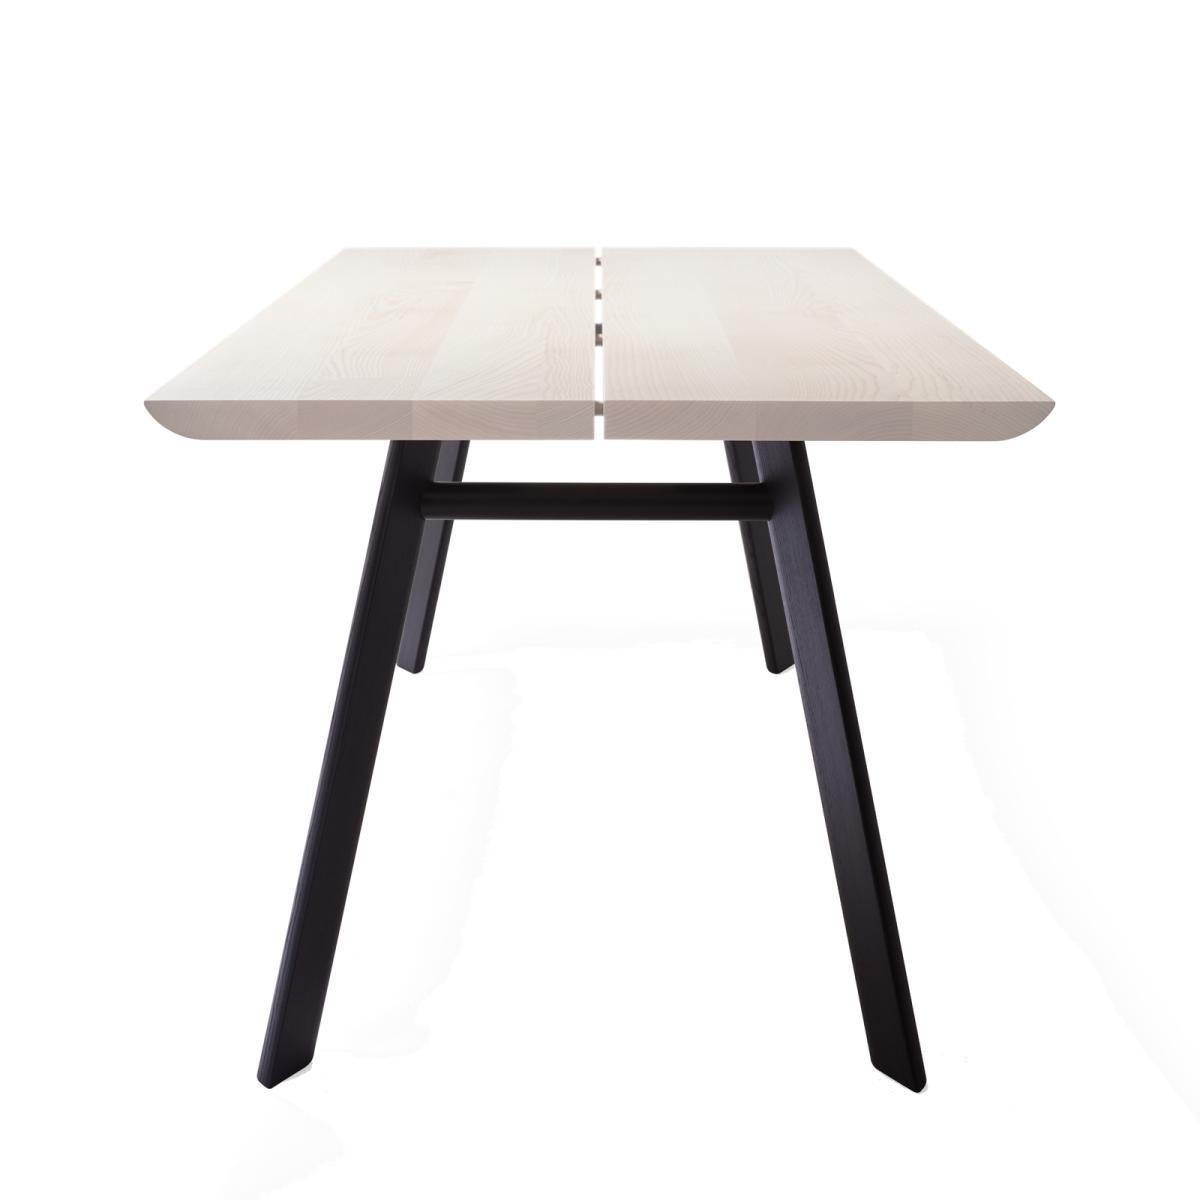 P68 Tisch / Esstisch, Seitenansicht